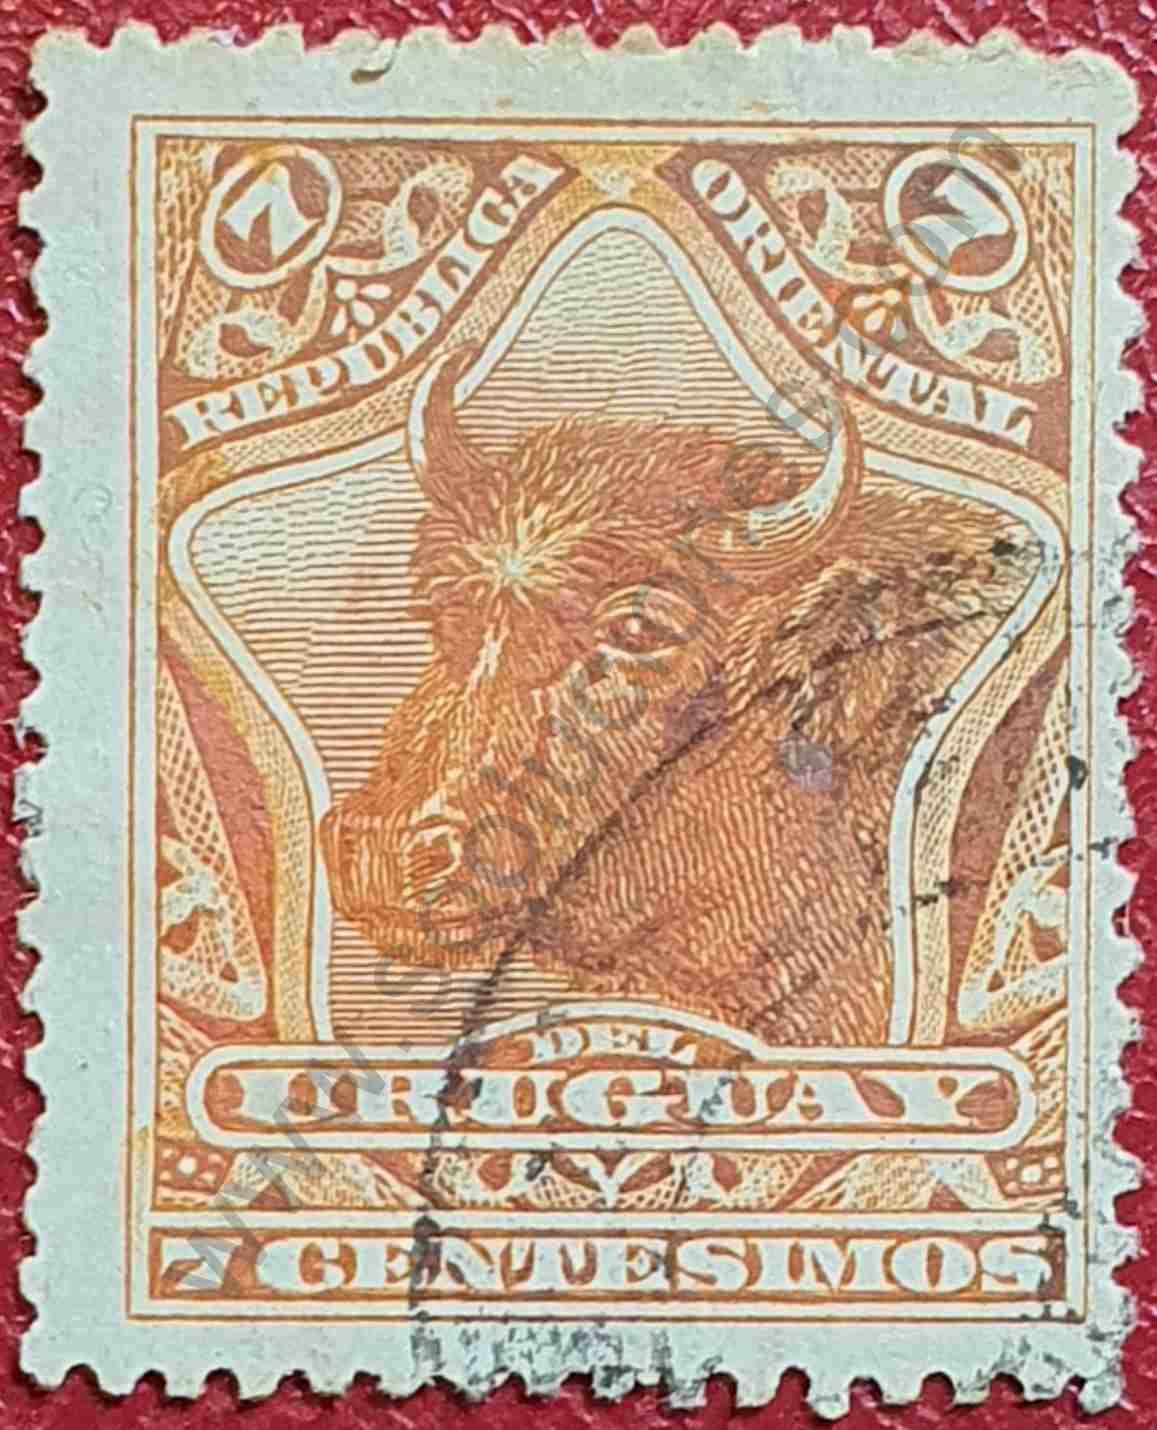 Cabeza de toro - Sello Uruguay 1897